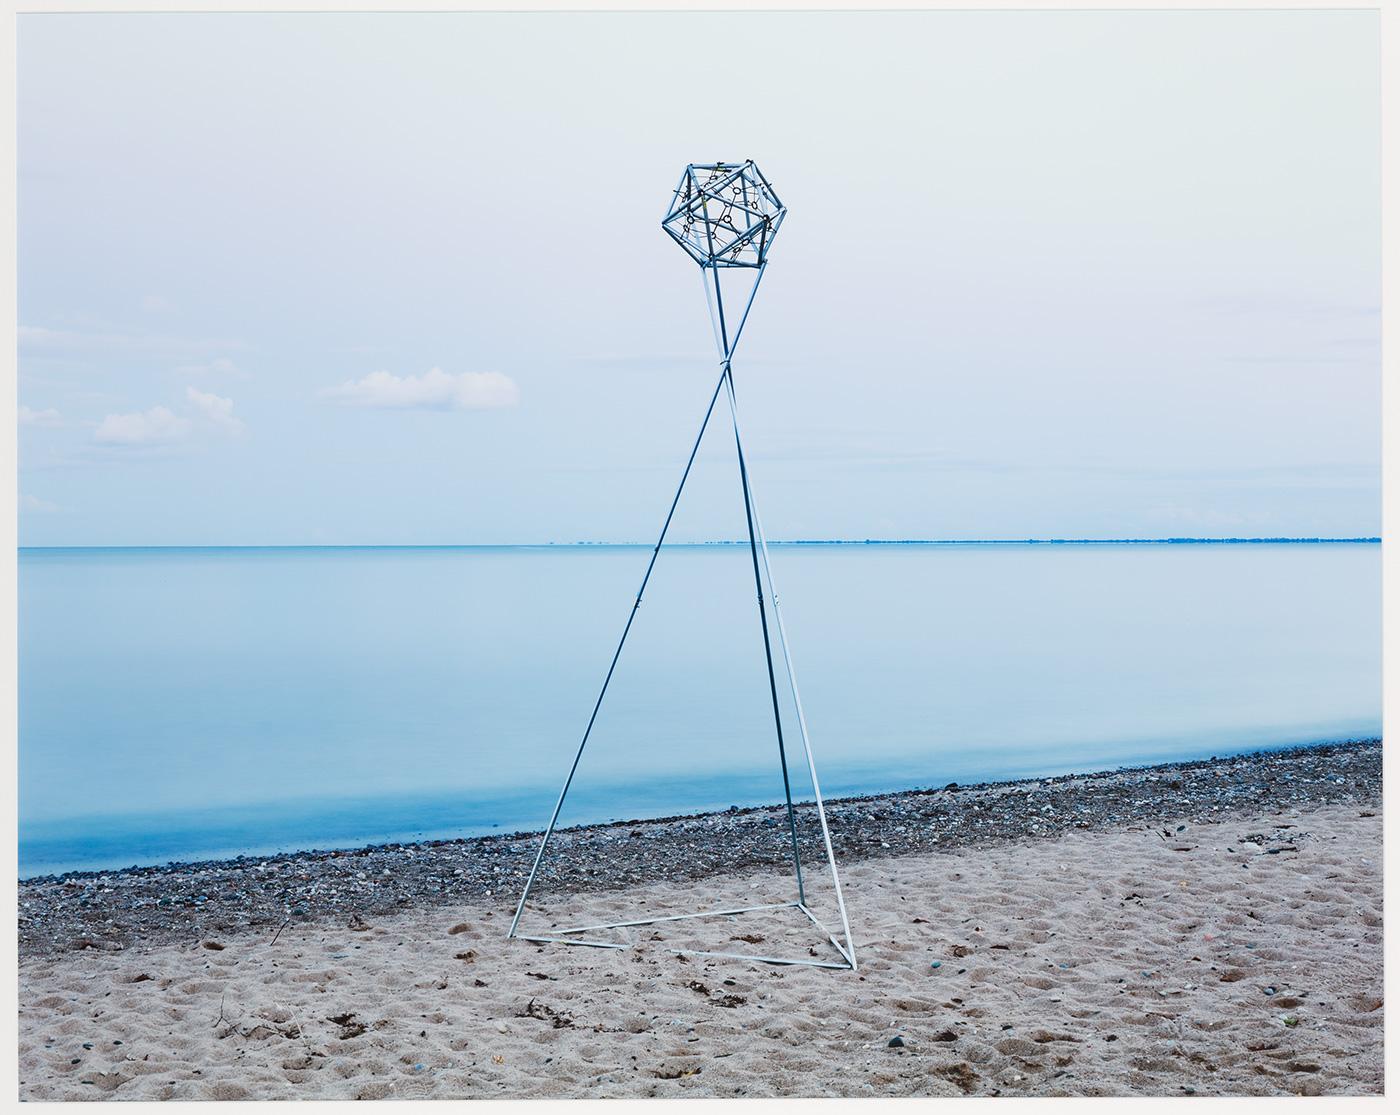 Travis Hocutt - Micrometeorite Collector, Lake Huron